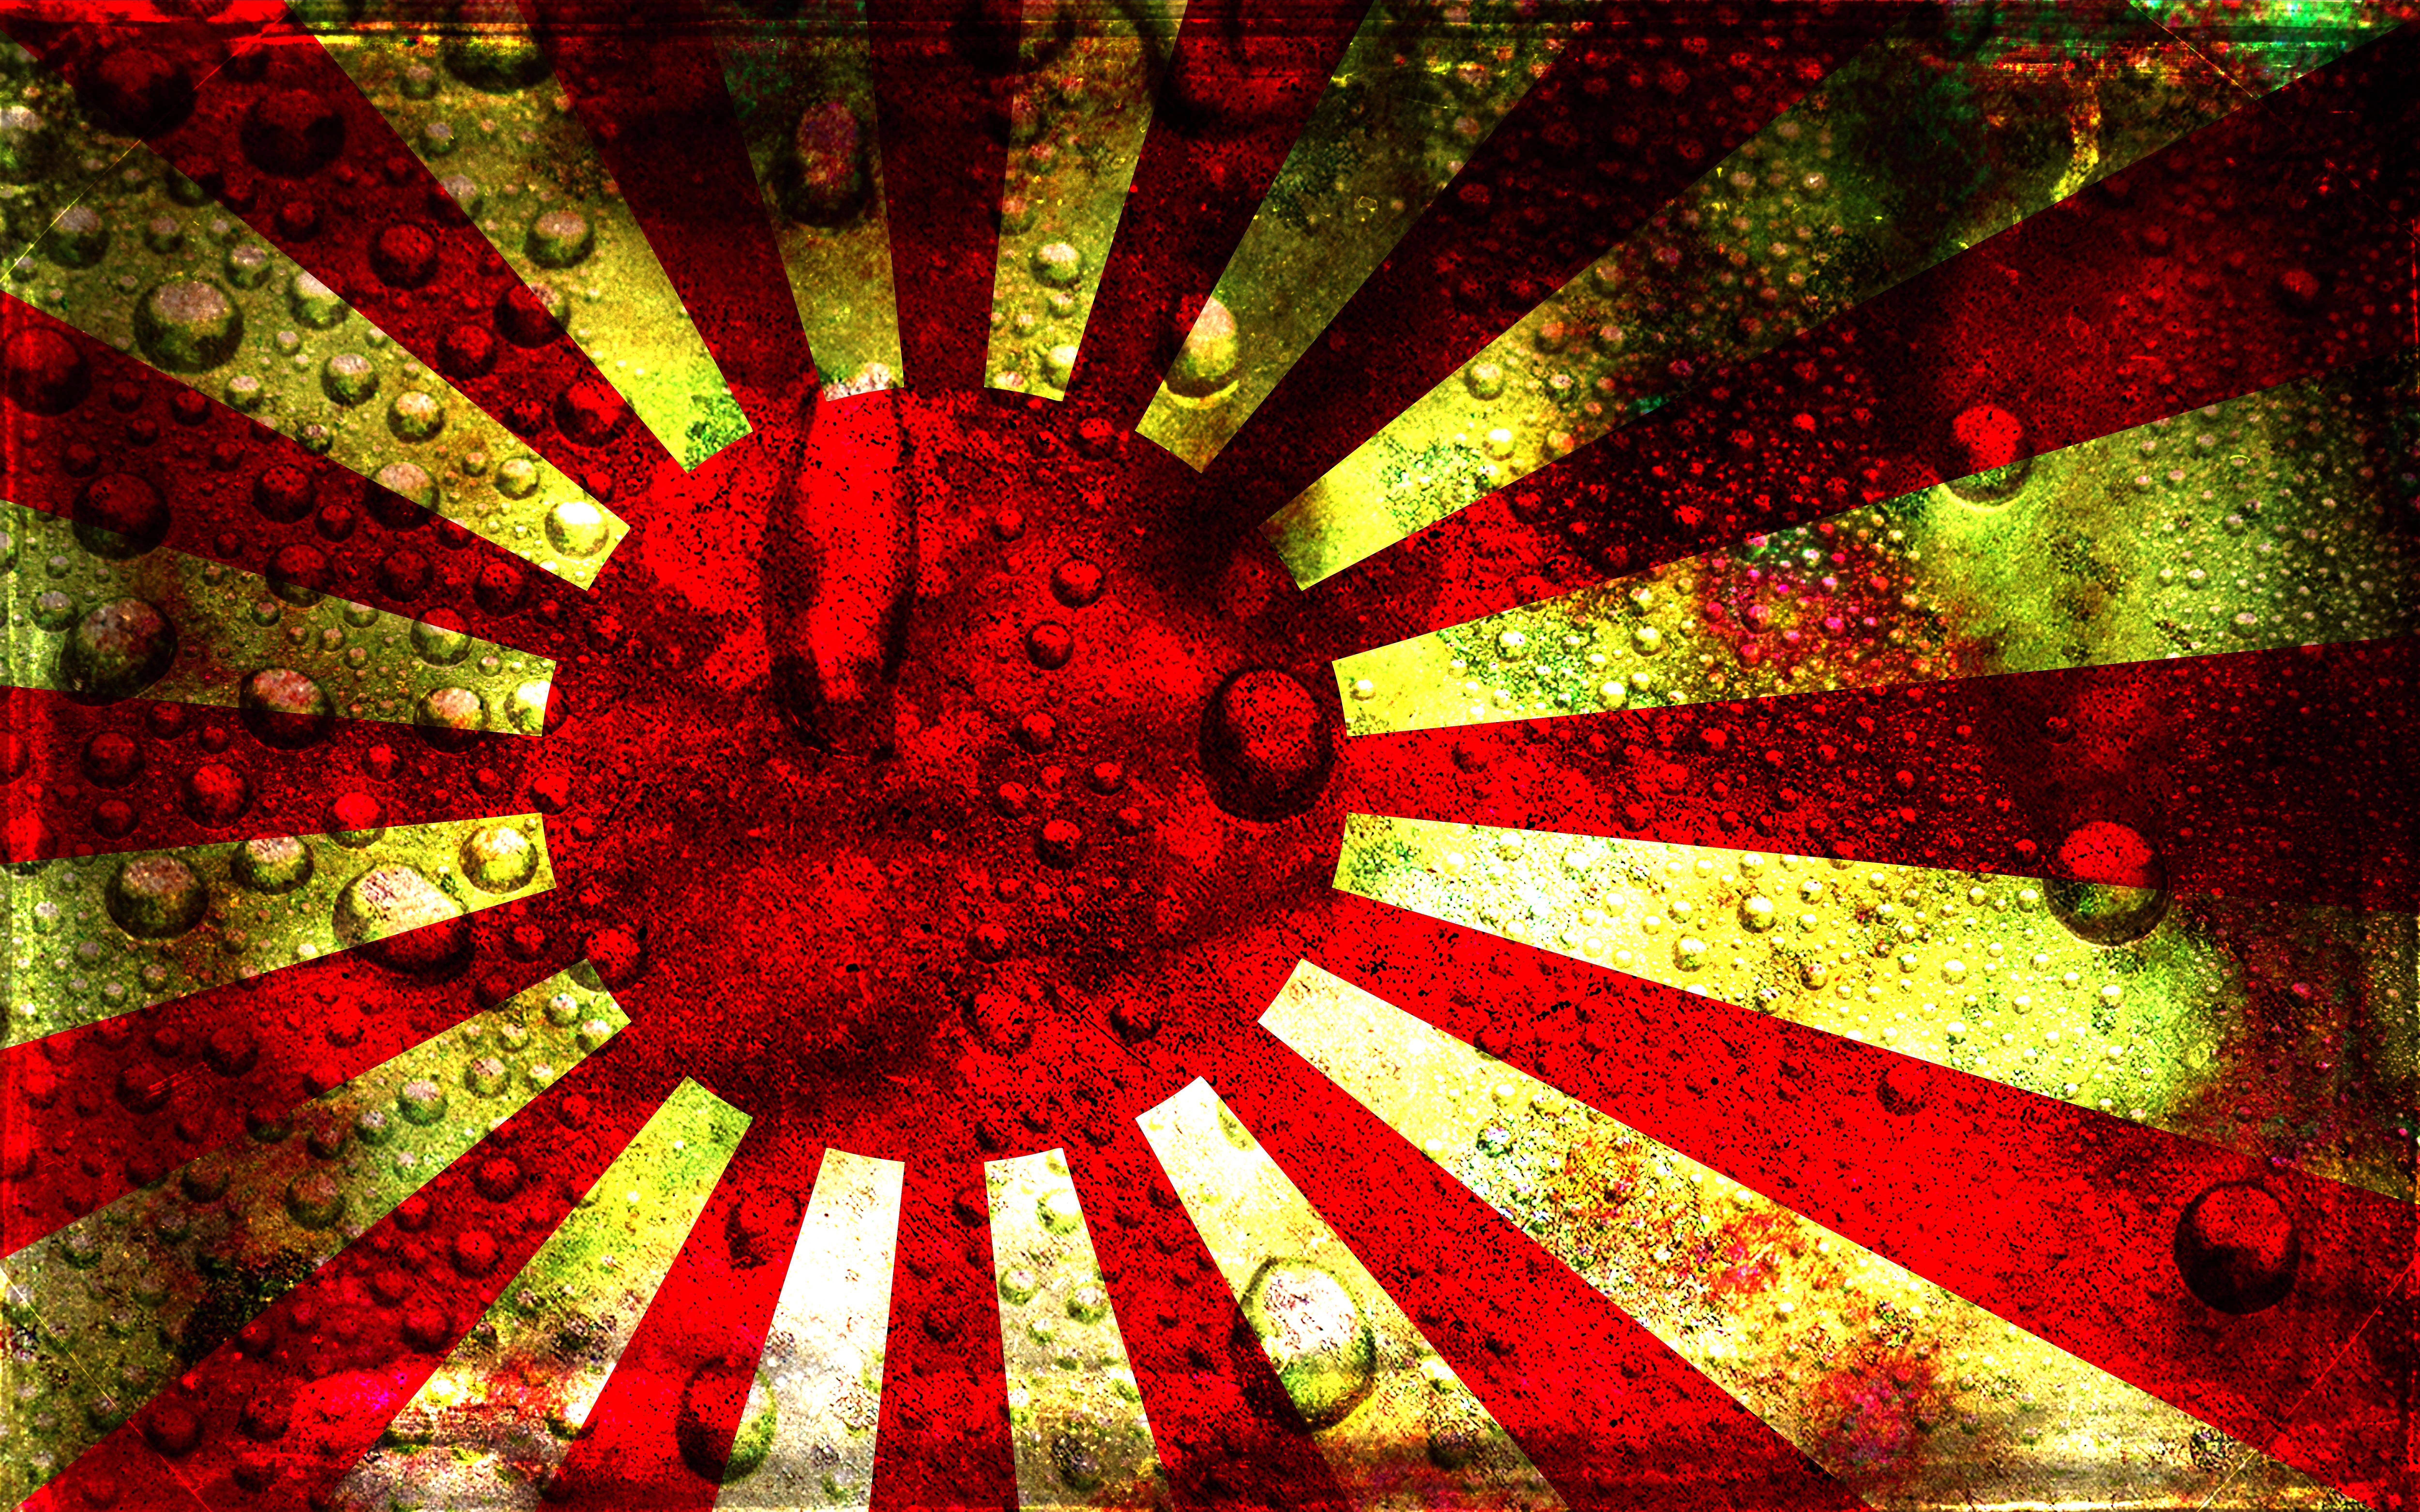 Widescreen japan flag wallpaper 5513 kb alger murphy widescreen japan flag wallpaper 5513 kb alger murphy voltagebd Gallery